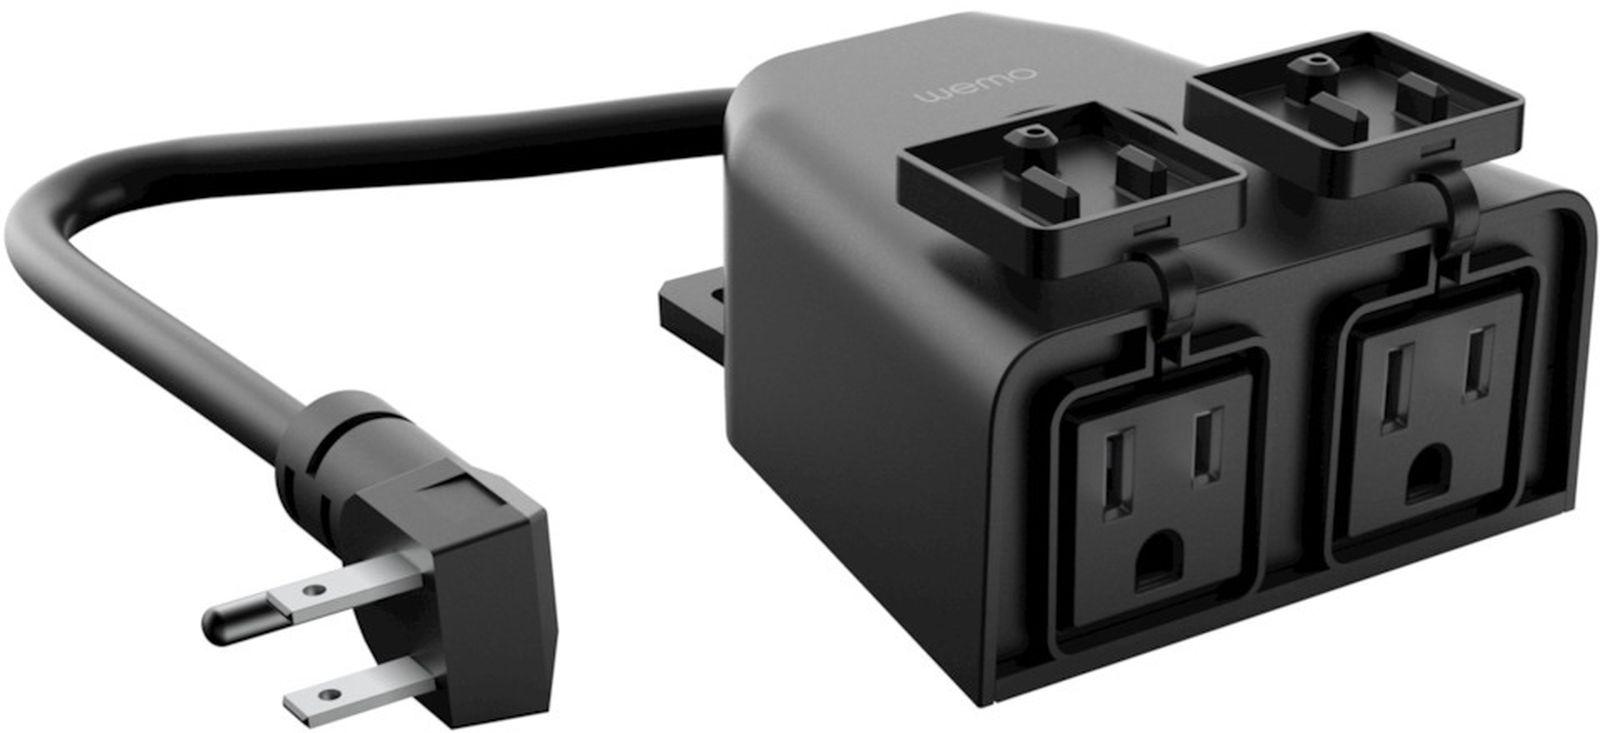 photo of Wemo Launches New HomeKit-Compatible Outdoor Smart Plug image